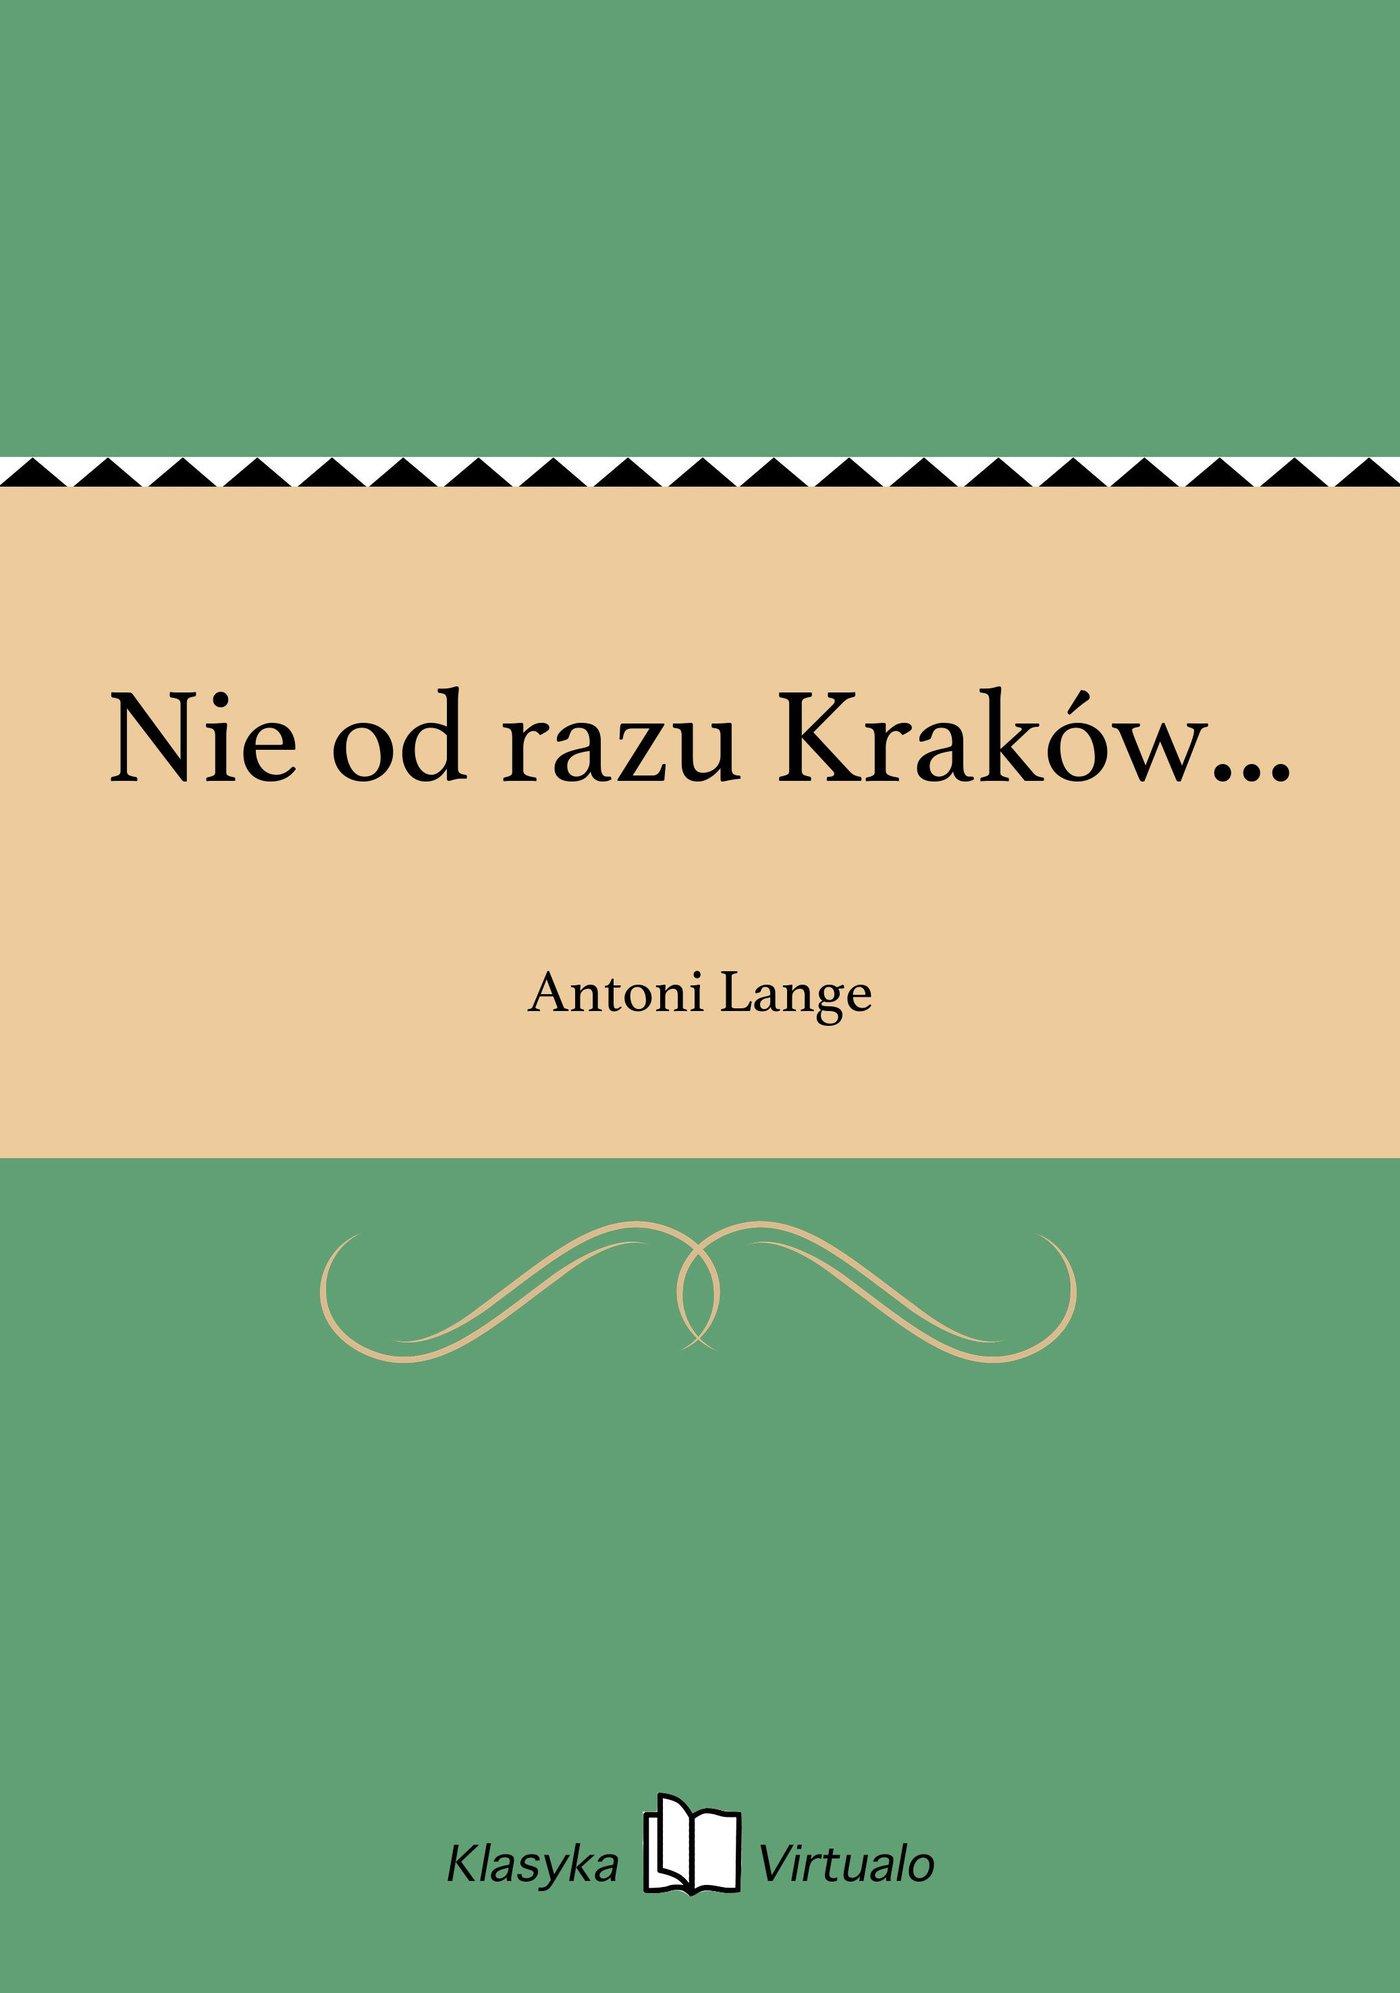 Nie od razu Kraków... - Ebook (Książka EPUB) do pobrania w formacie EPUB